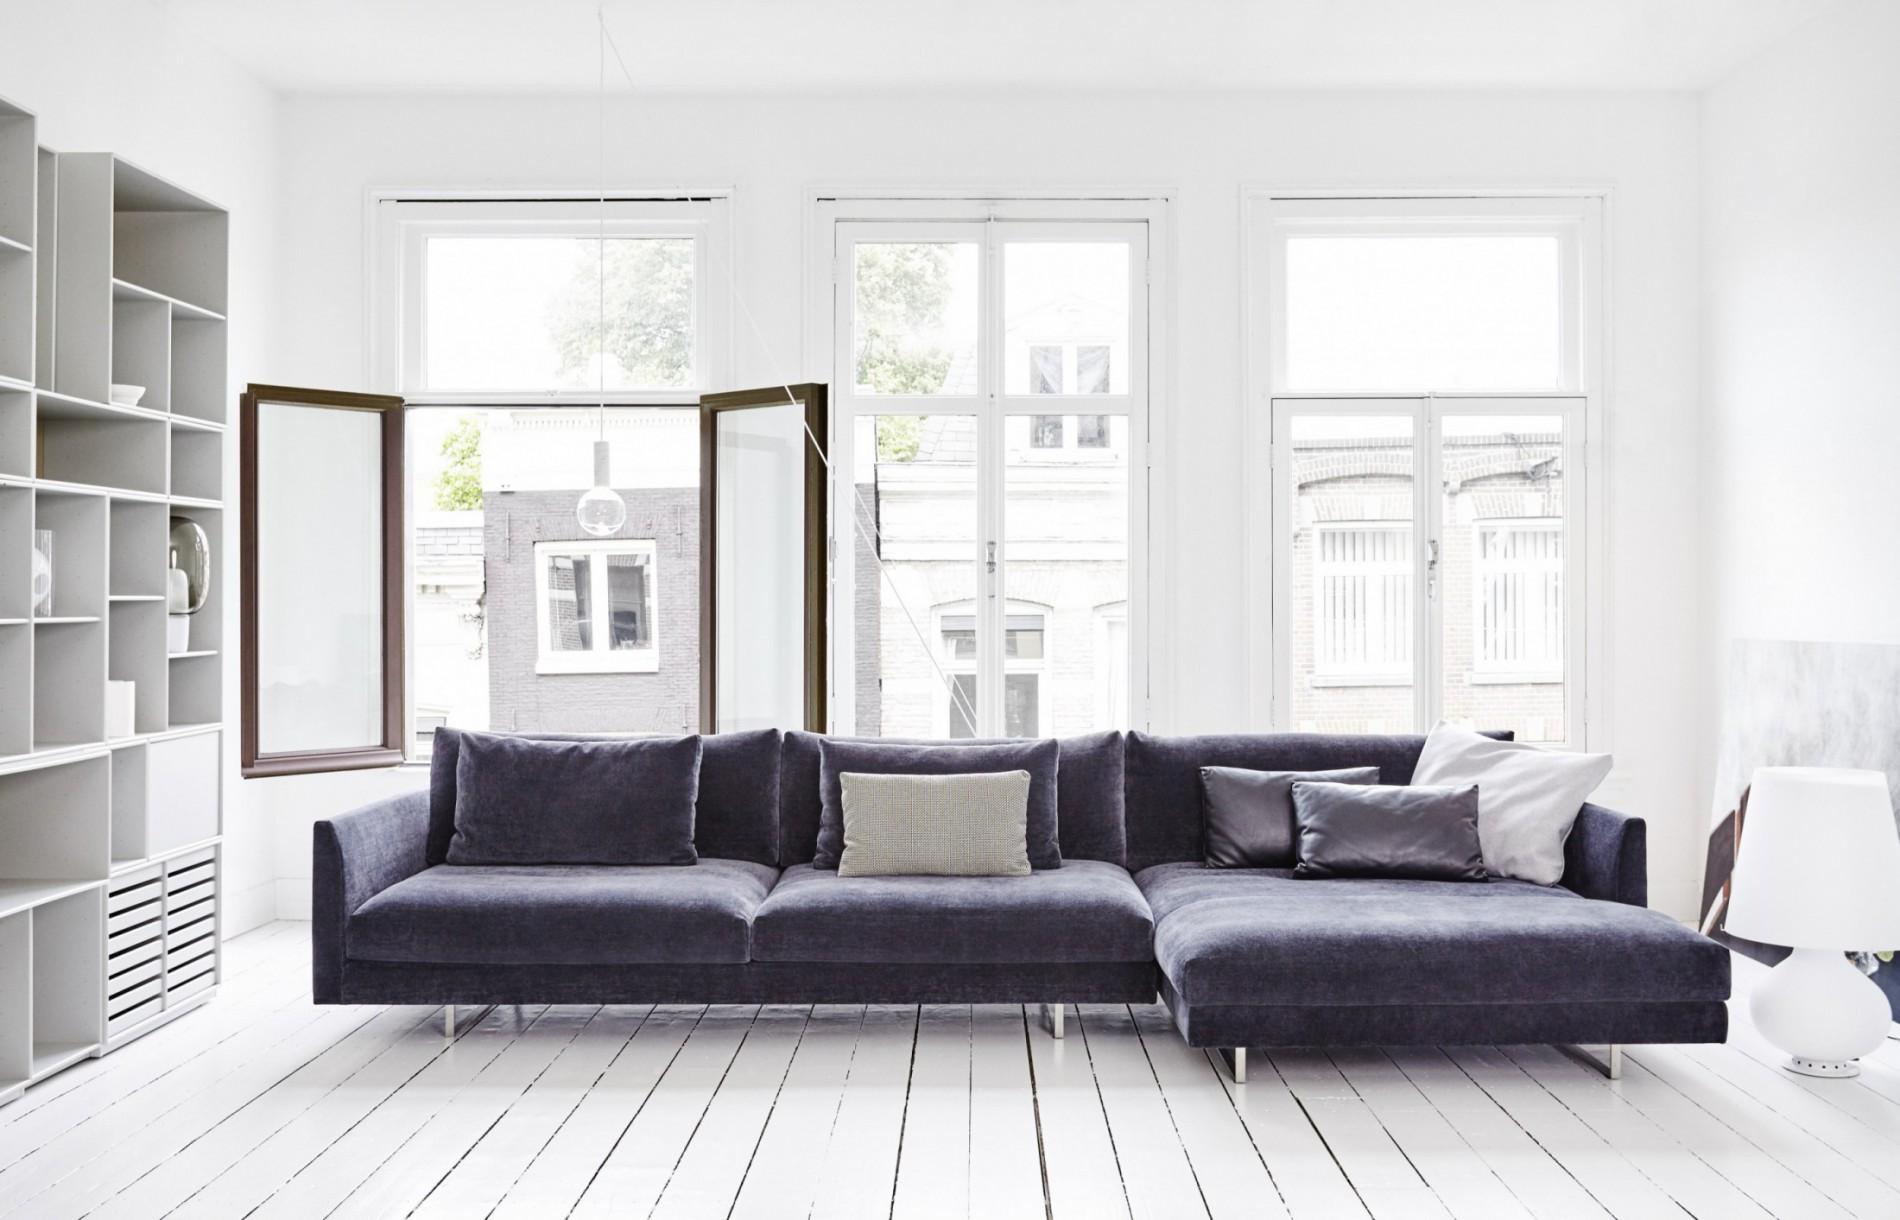 montis axel xl bl mann m bler. Black Bedroom Furniture Sets. Home Design Ideas